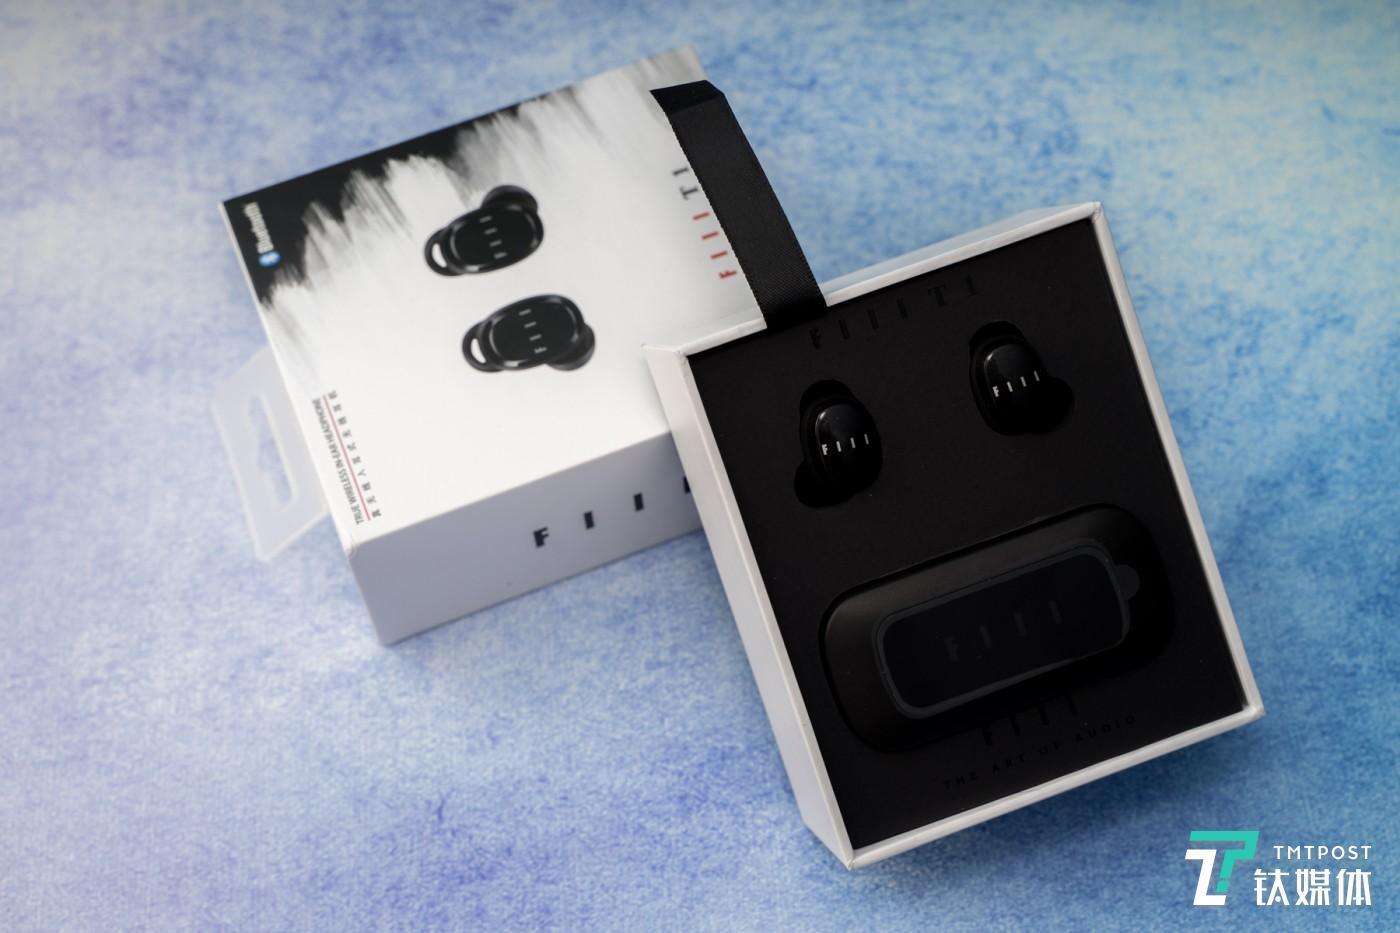 耳机充电盒的形状很方便携带